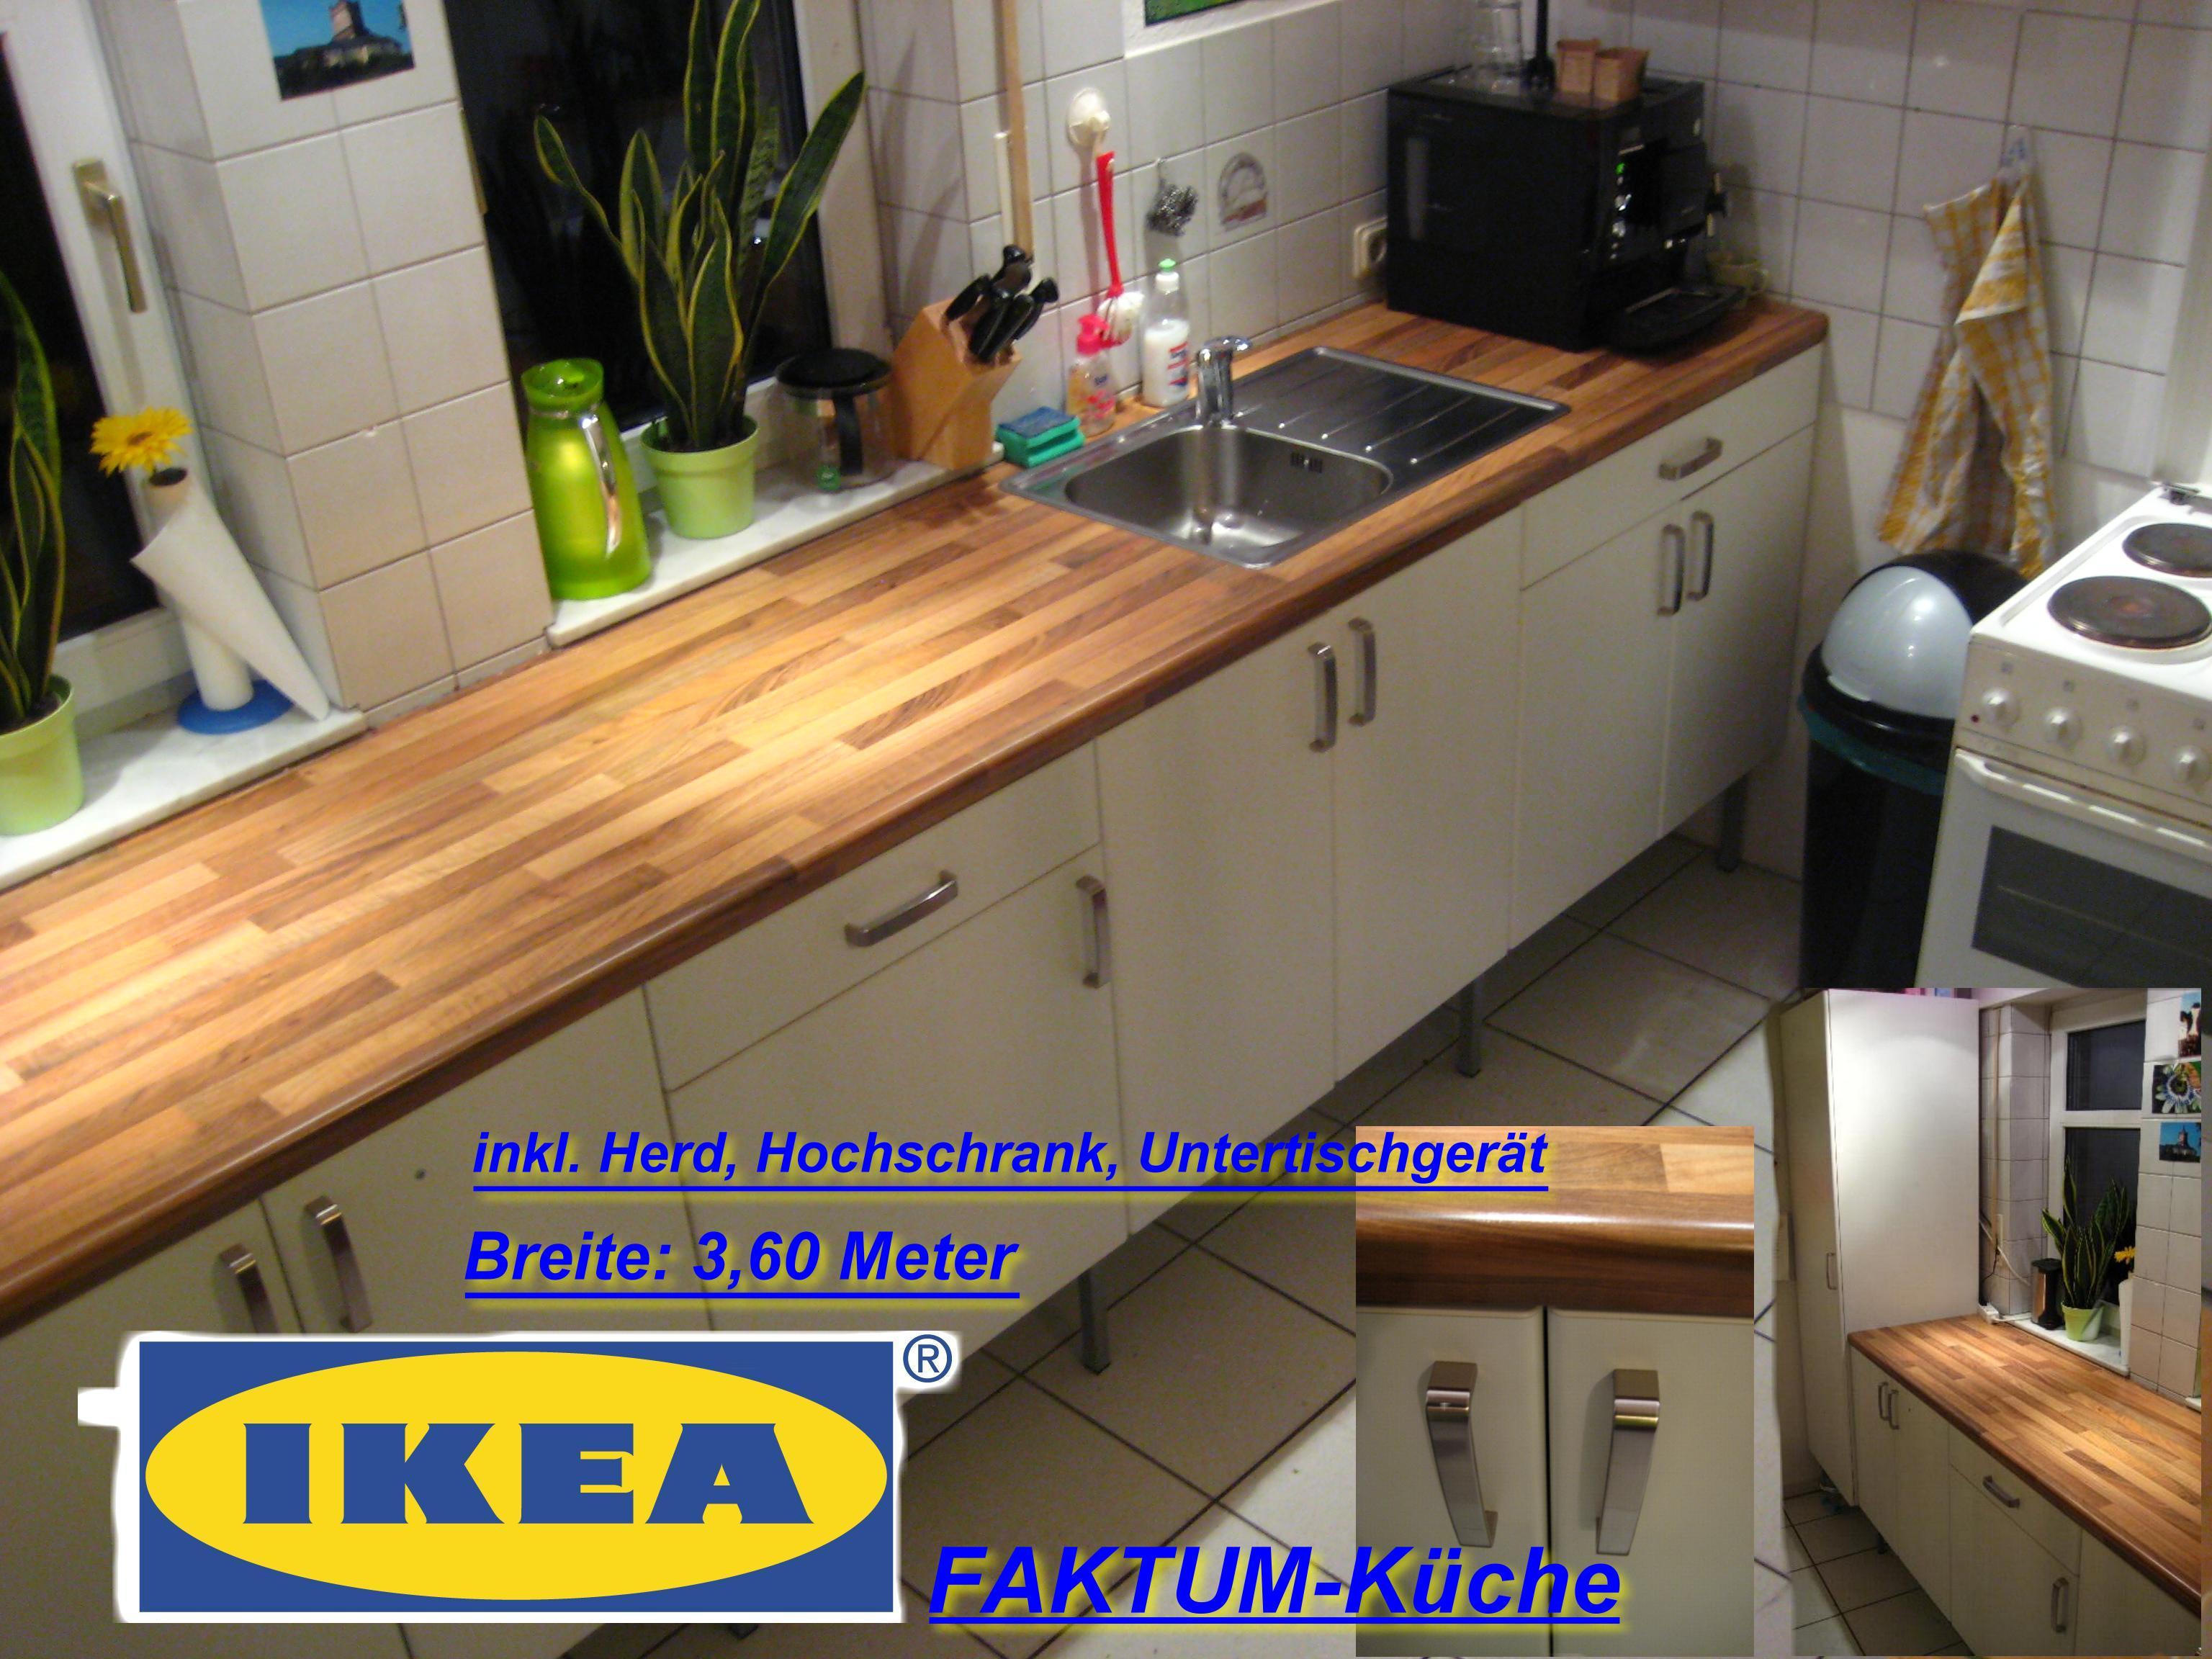 Outdoorküche Arbeitsplatte Verkaufen : Ikea faktum küche zu verkaufen poggenpohl küchen gebraucht outdoor